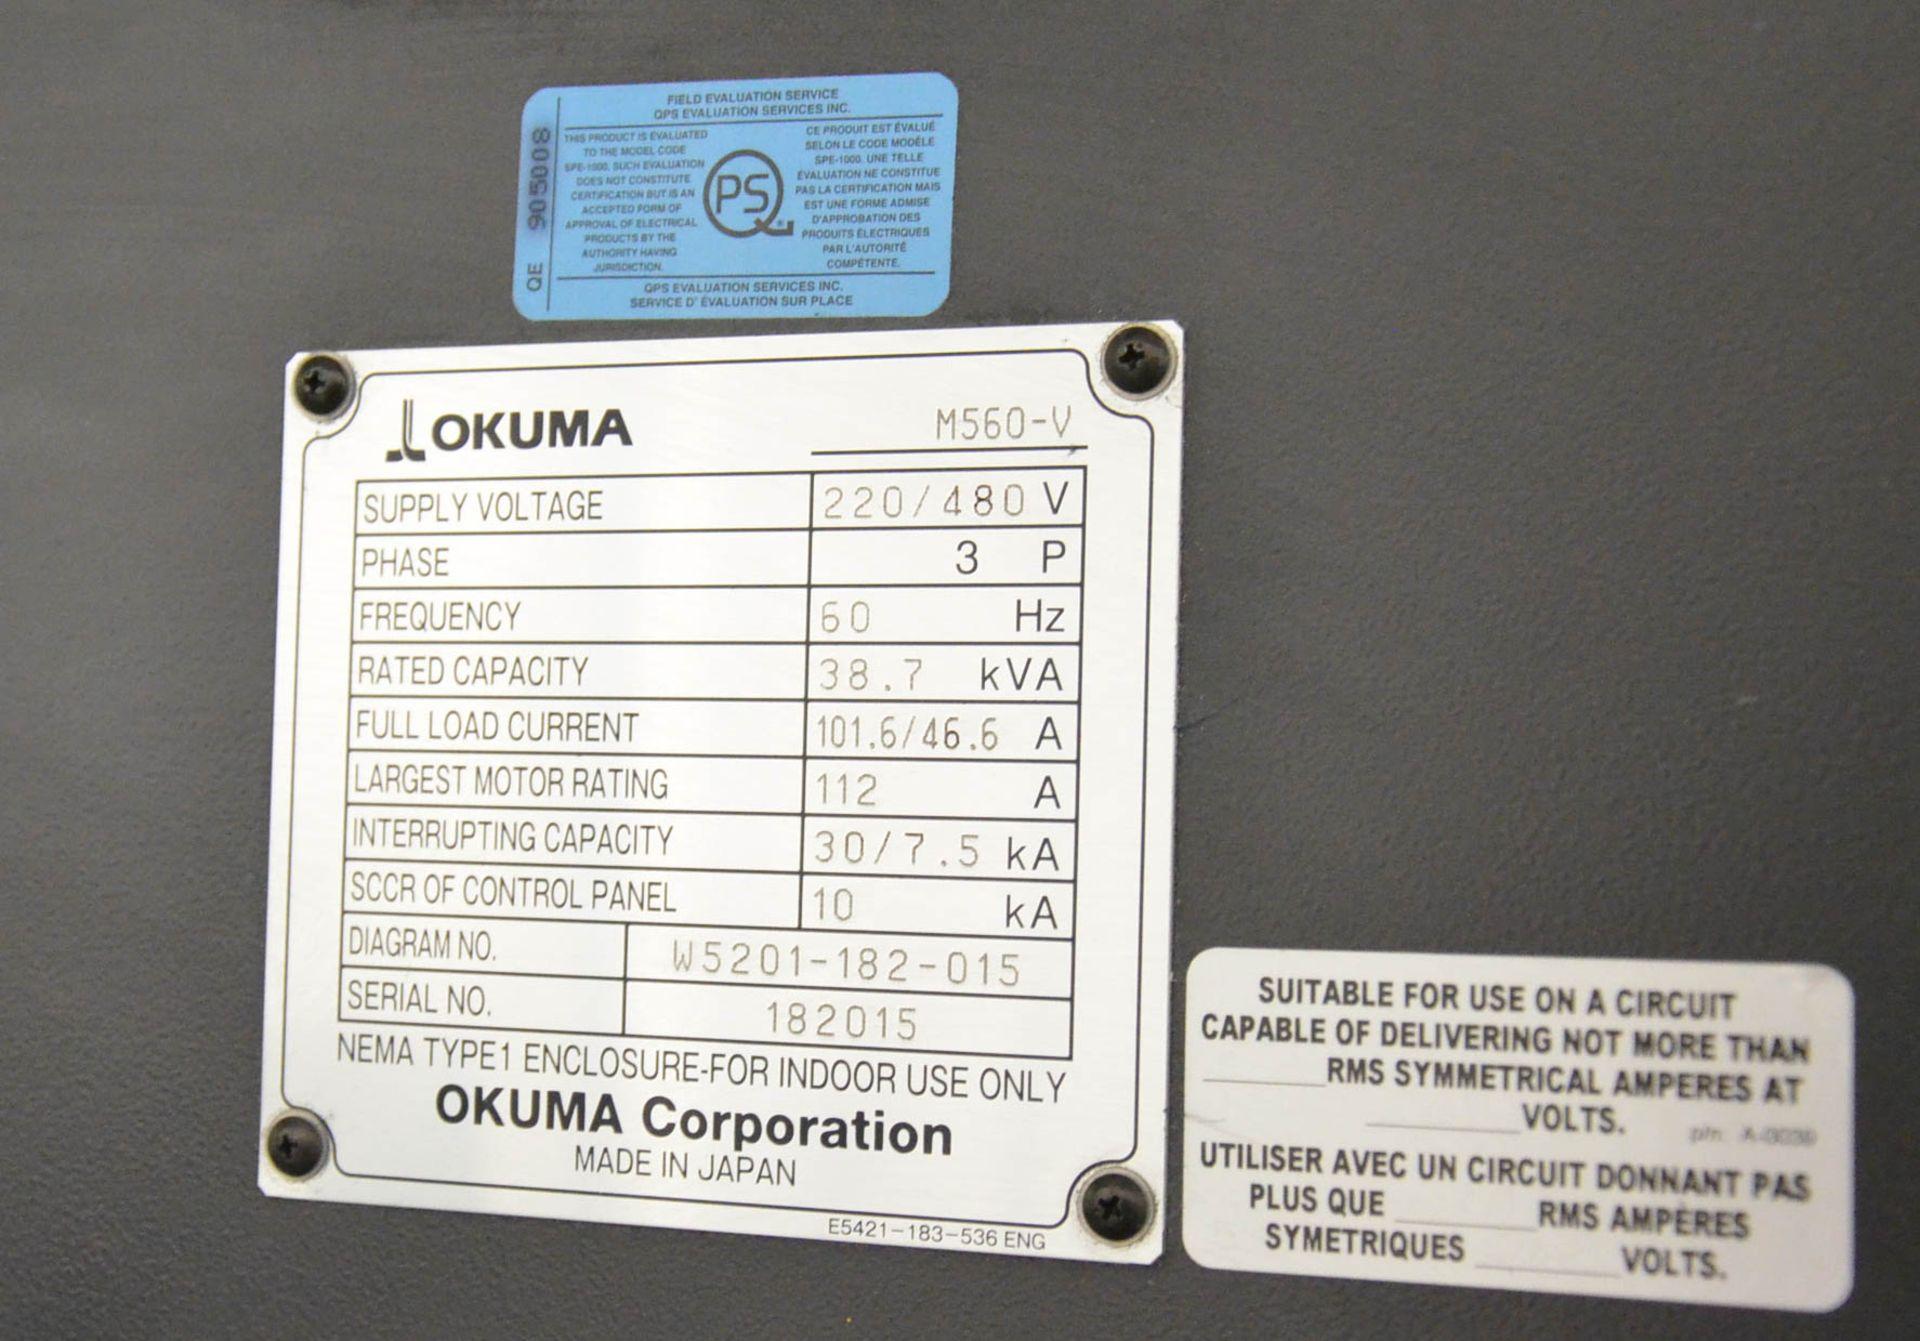 """OKUMA (DEC-2014) GENOS M560-V CNC VERTICAL MACHINING CENTER WITH OKUMA OSP-P300M CNC CONTROL, 22"""" - Image 11 of 12"""